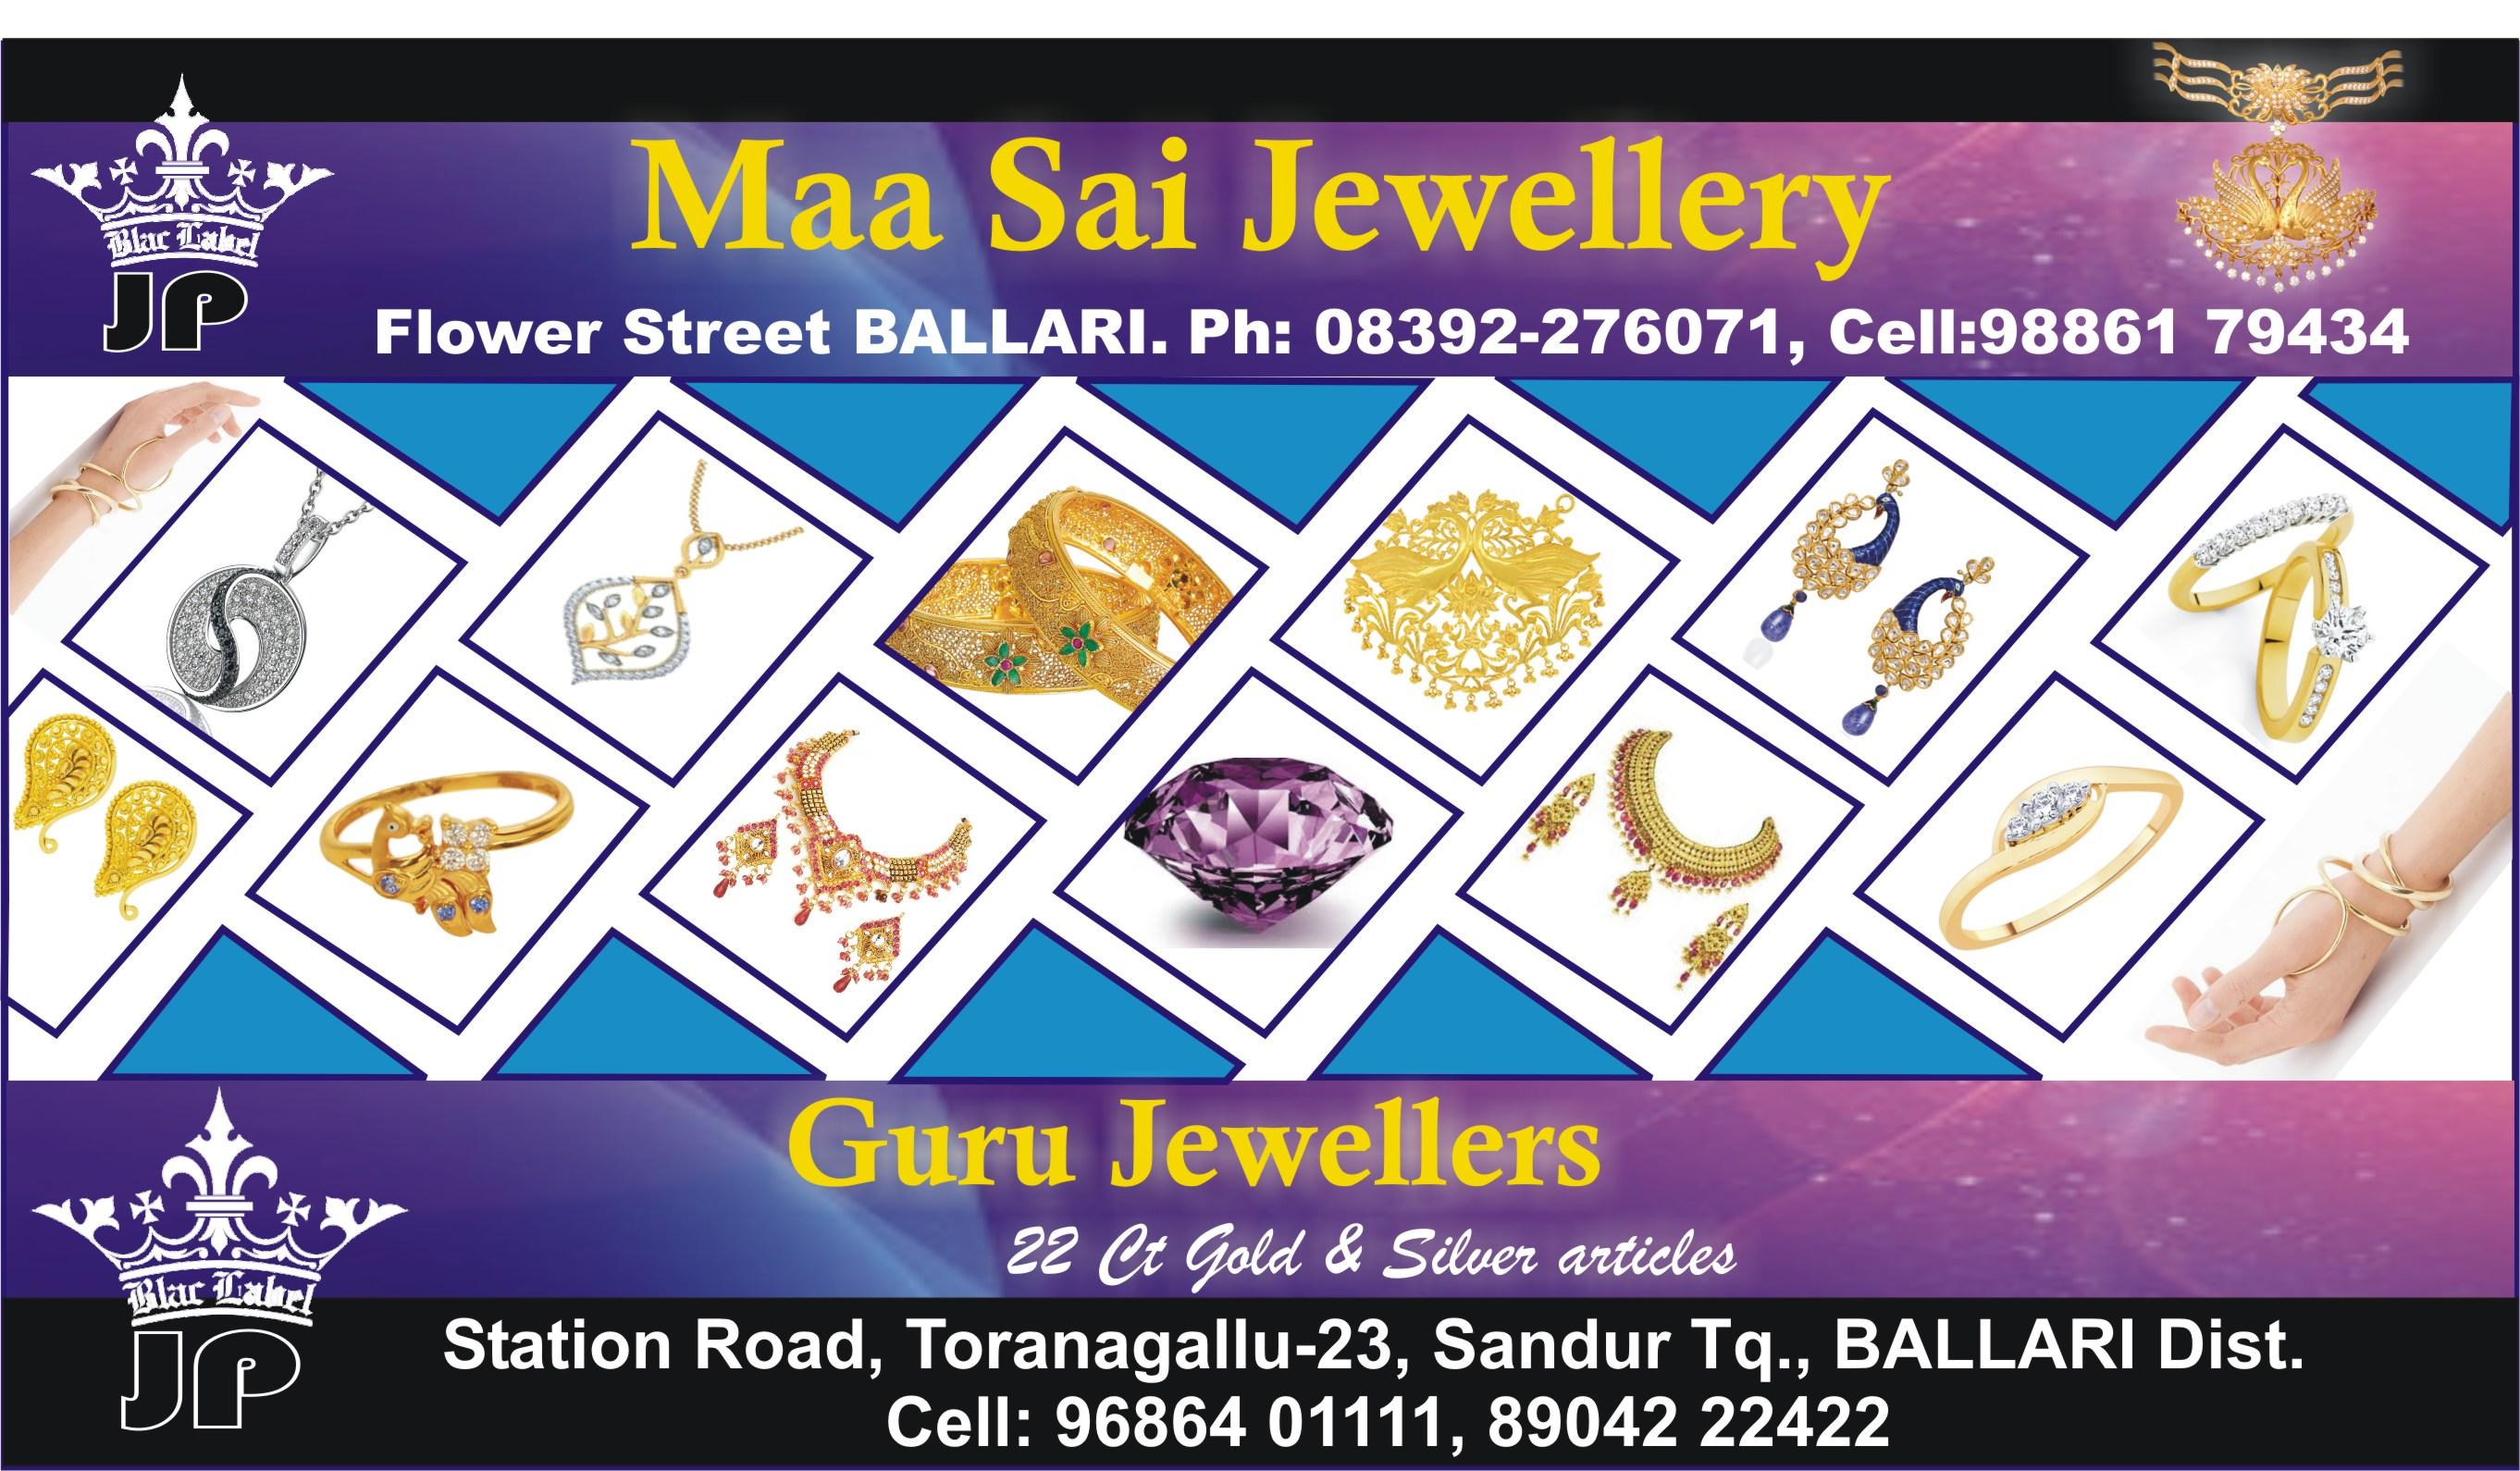 Guru Jewellers